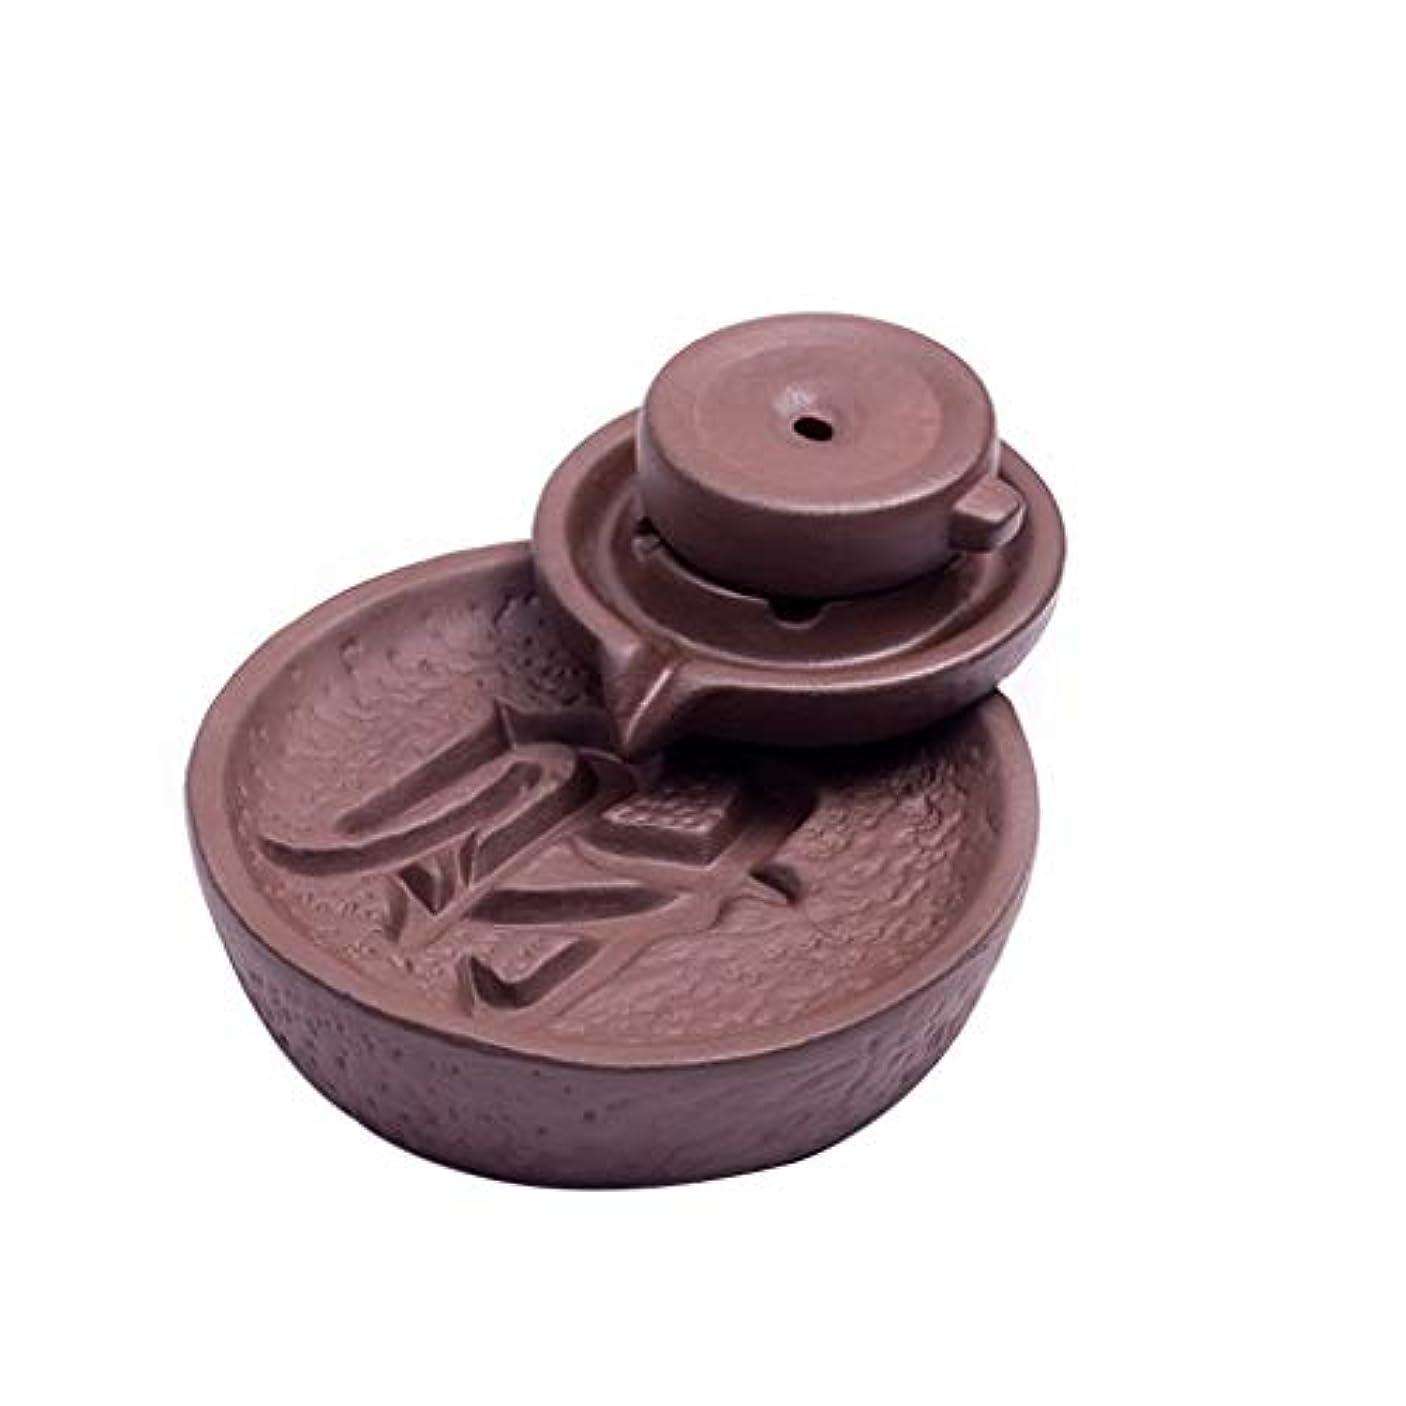 数字協力するそのような芳香器?アロマバーナー 逆流香バーナー家庭用香屋内香サンダルウッド香バーナー装飾セラミック炉 アロマバーナー